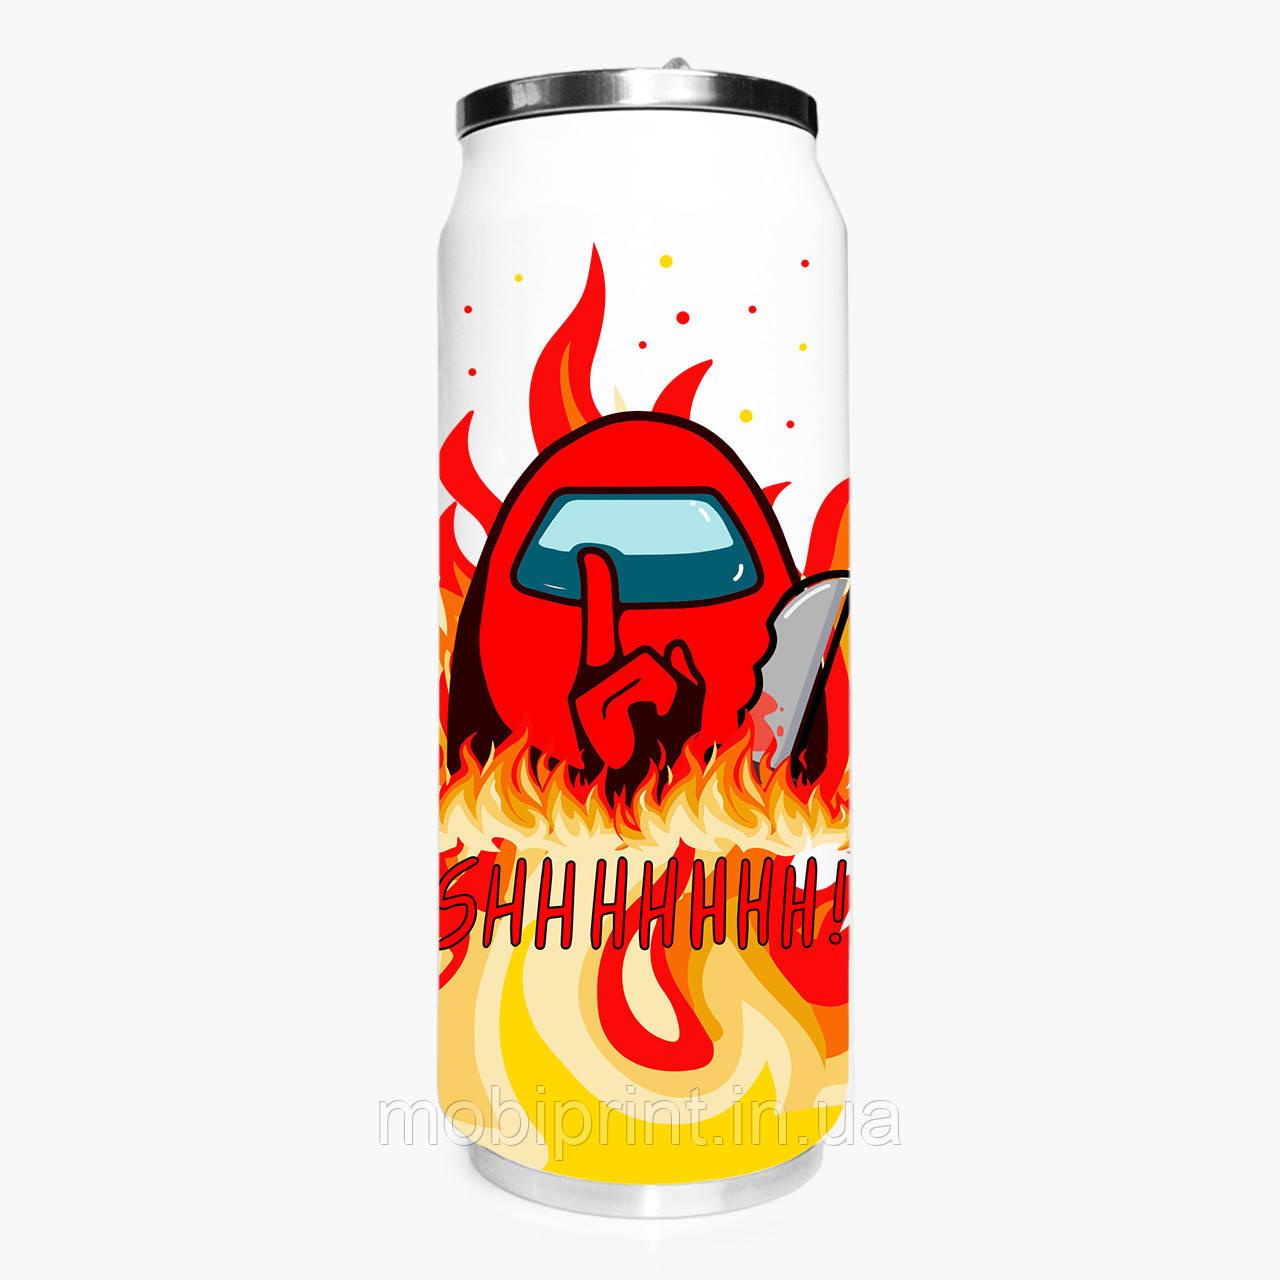 Термобанка Амонг Ас Красный (Among Us Red) 500 мл (31091-2412-1) термокружка из нержавеющей стали